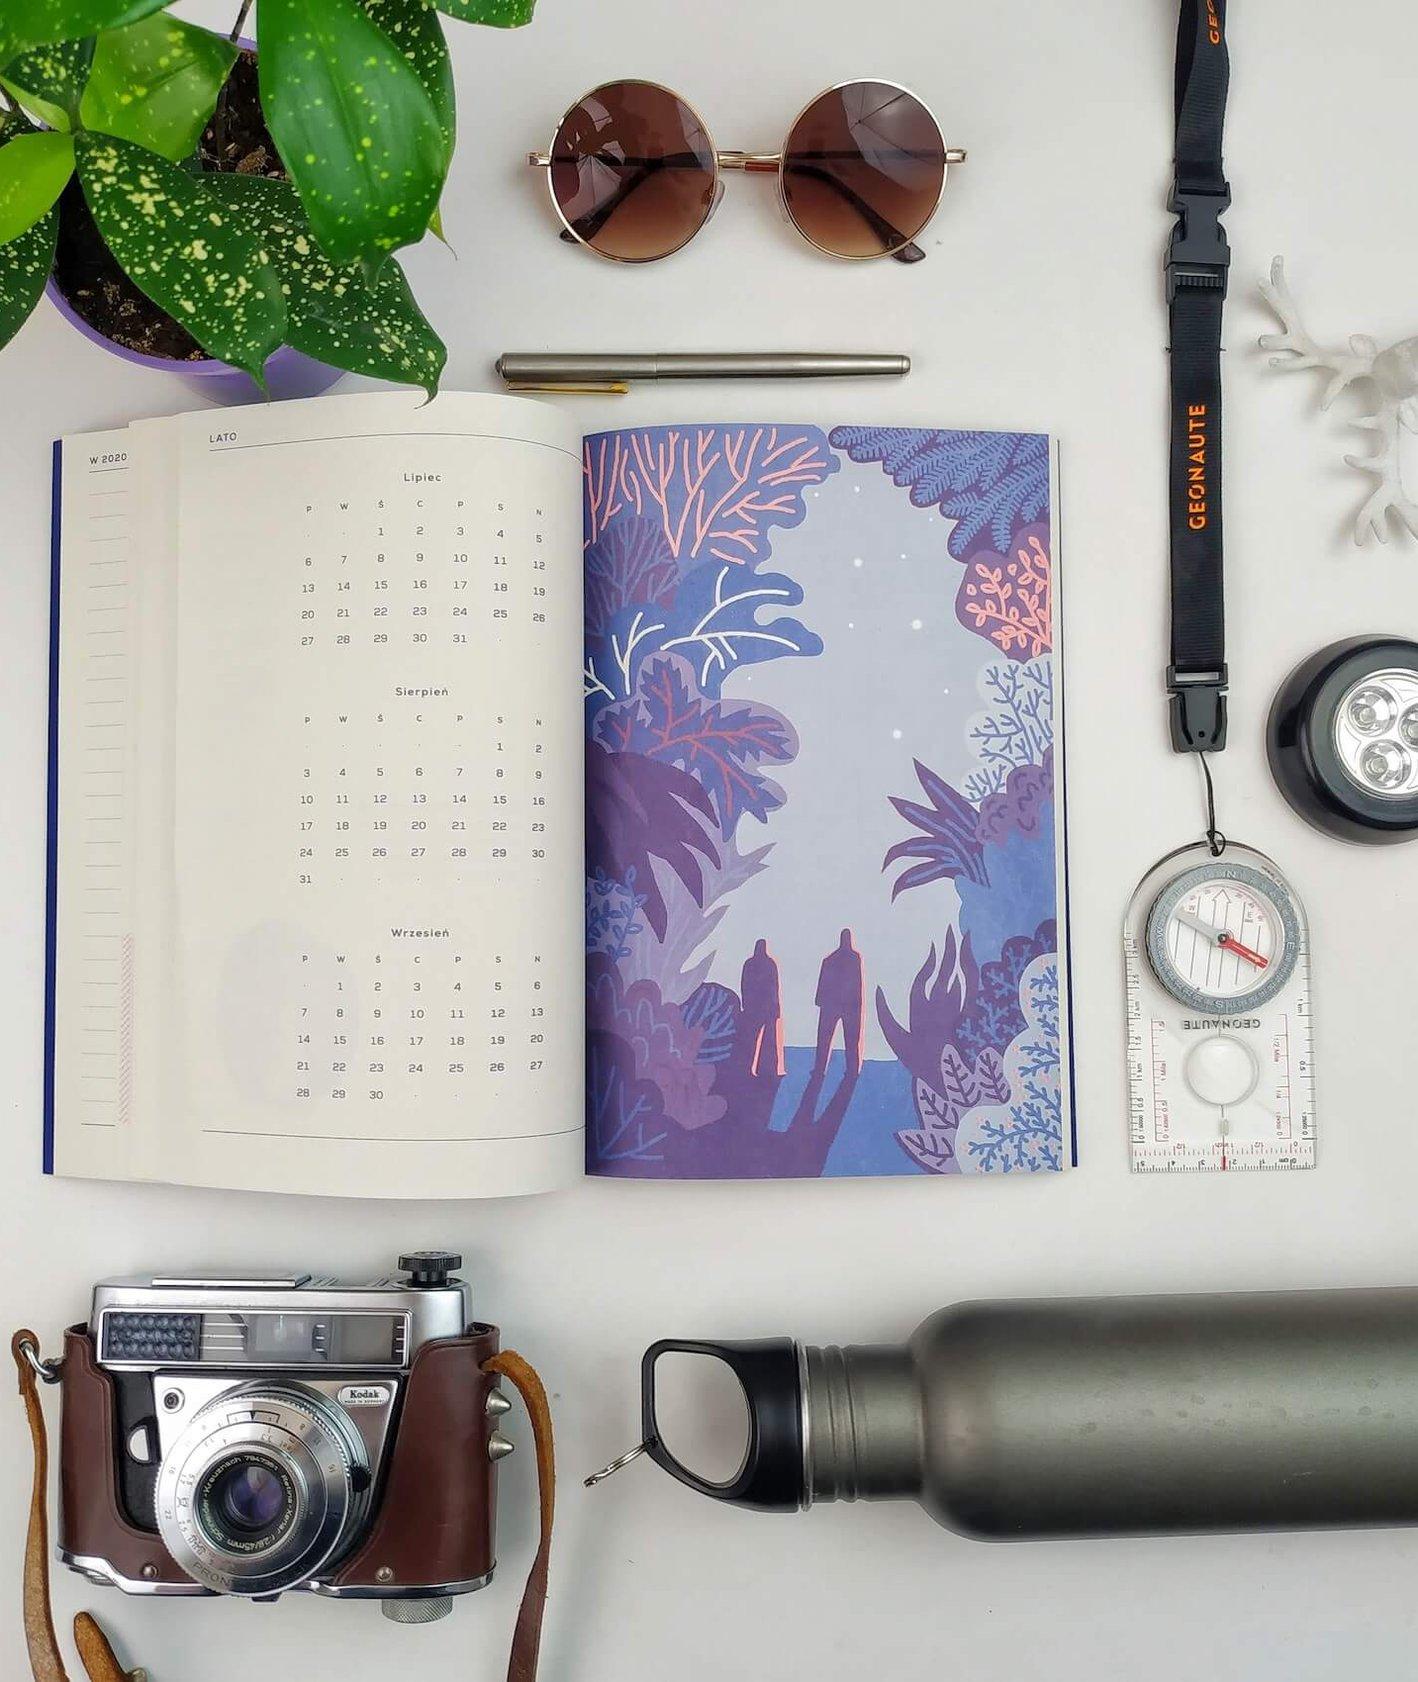 """Rozłożony na stole kalendarz krajoznawczy """"Na dwór"""" z ilustracją przedstawiającą parę wędrująca w zimową noc, obok kalendarza leży kompas, bidon, okulary przeciwsłoneczne, aparat fotograficzny"""